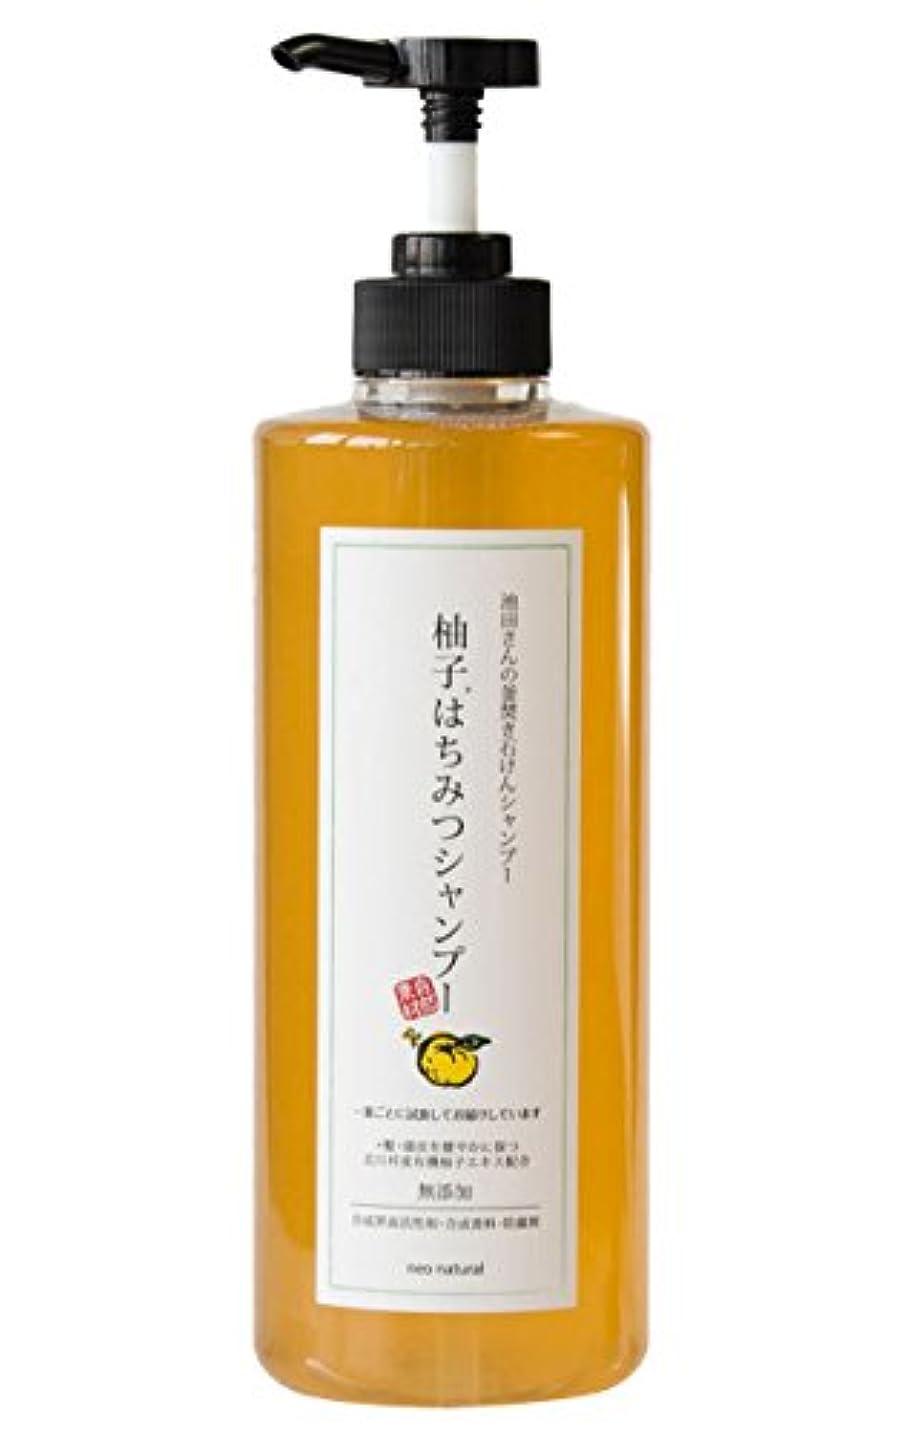 シャイニングひそかにバスタブネオナチュラル 柚子はちみつシャンプー(ポンプ式)610ml